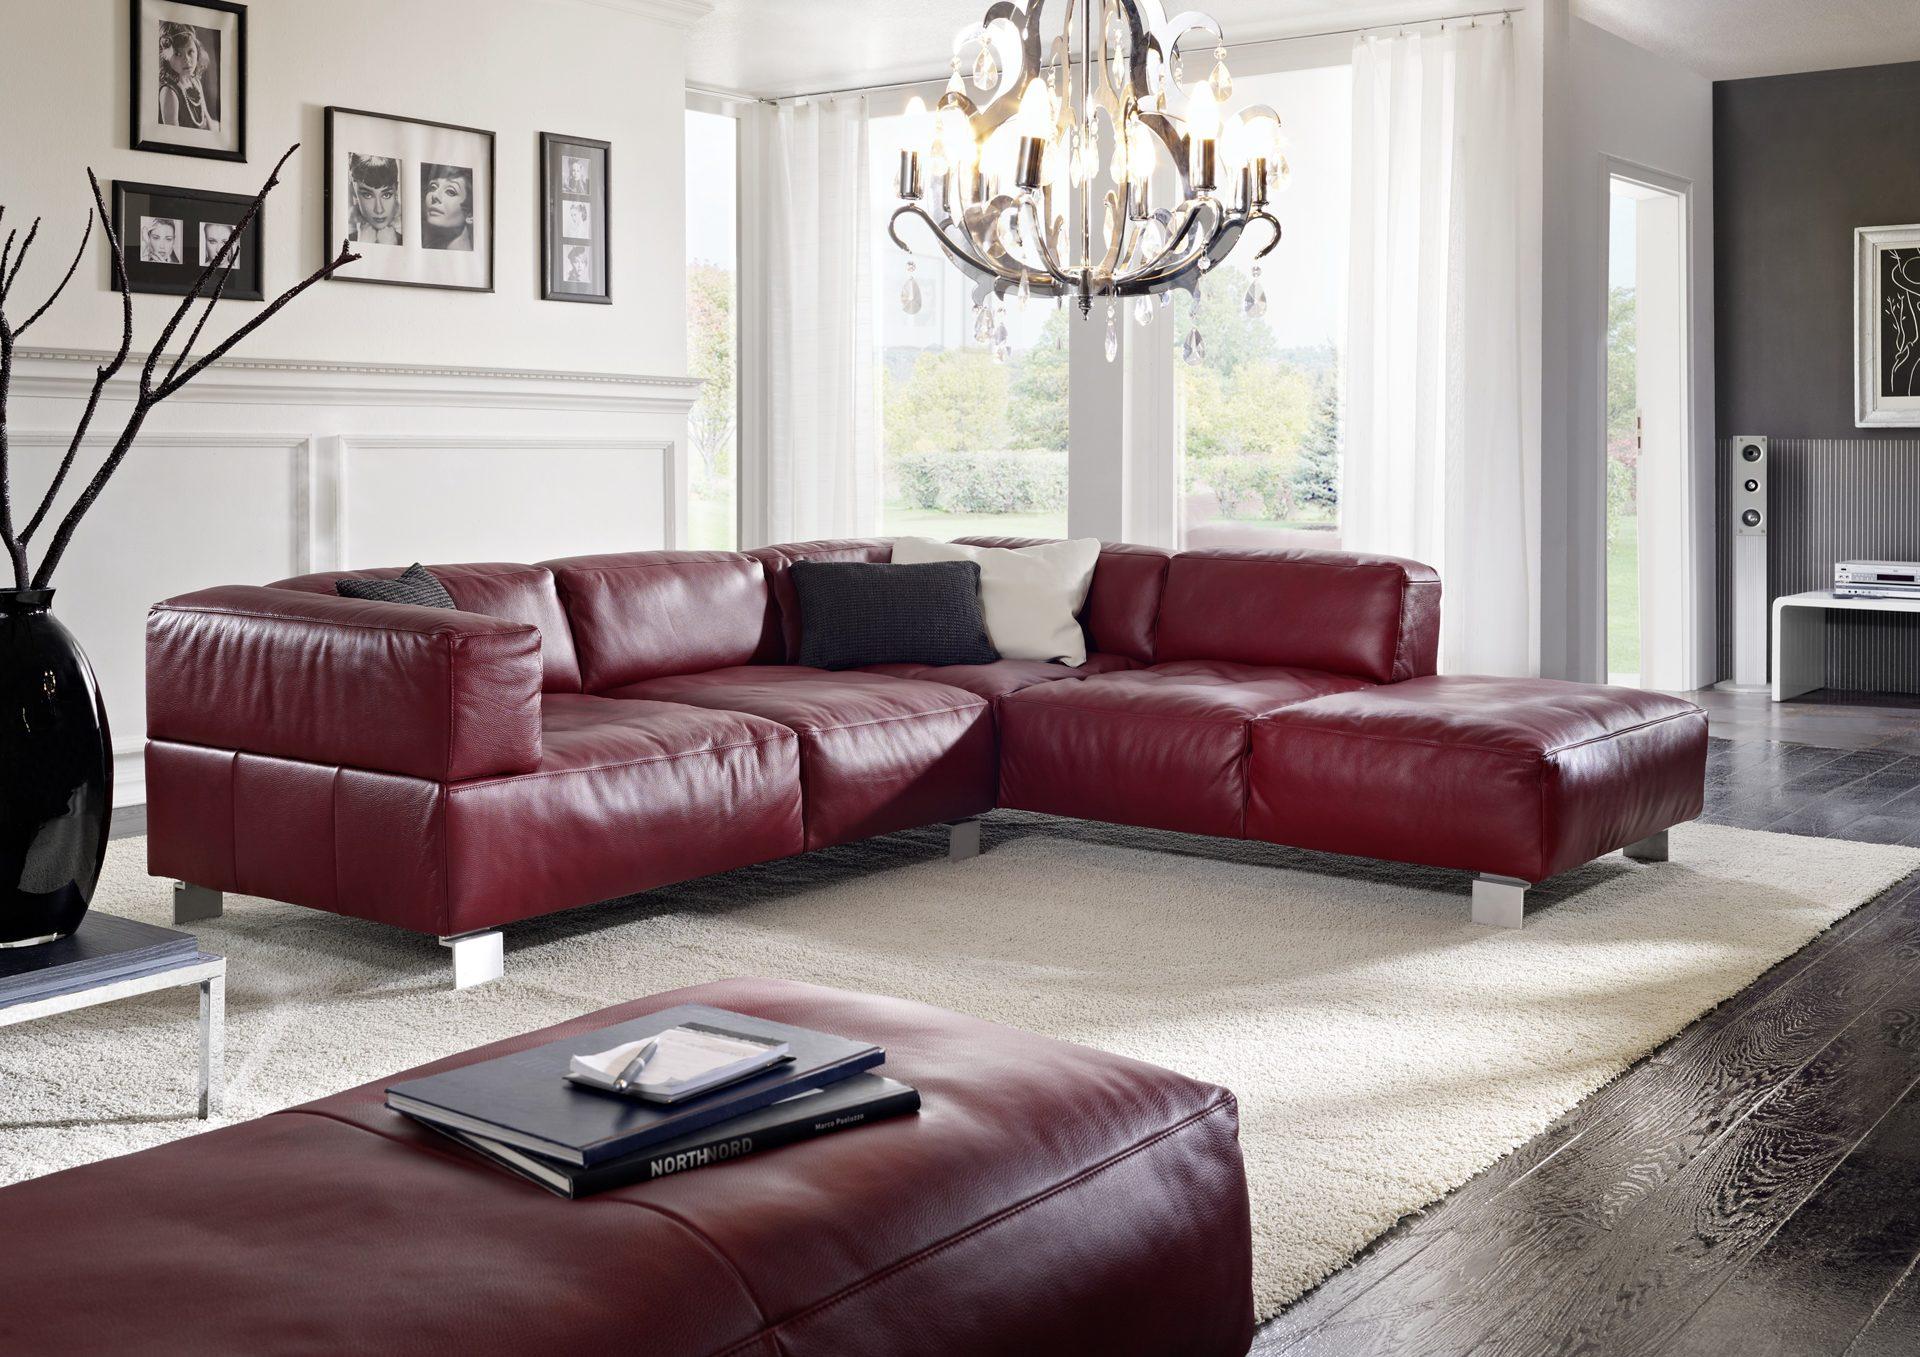 trop möbelabholmarkt gmbh | räume | wohnzimmer | sitzecke loft ... - Sitzecke Wohnzimmer Design